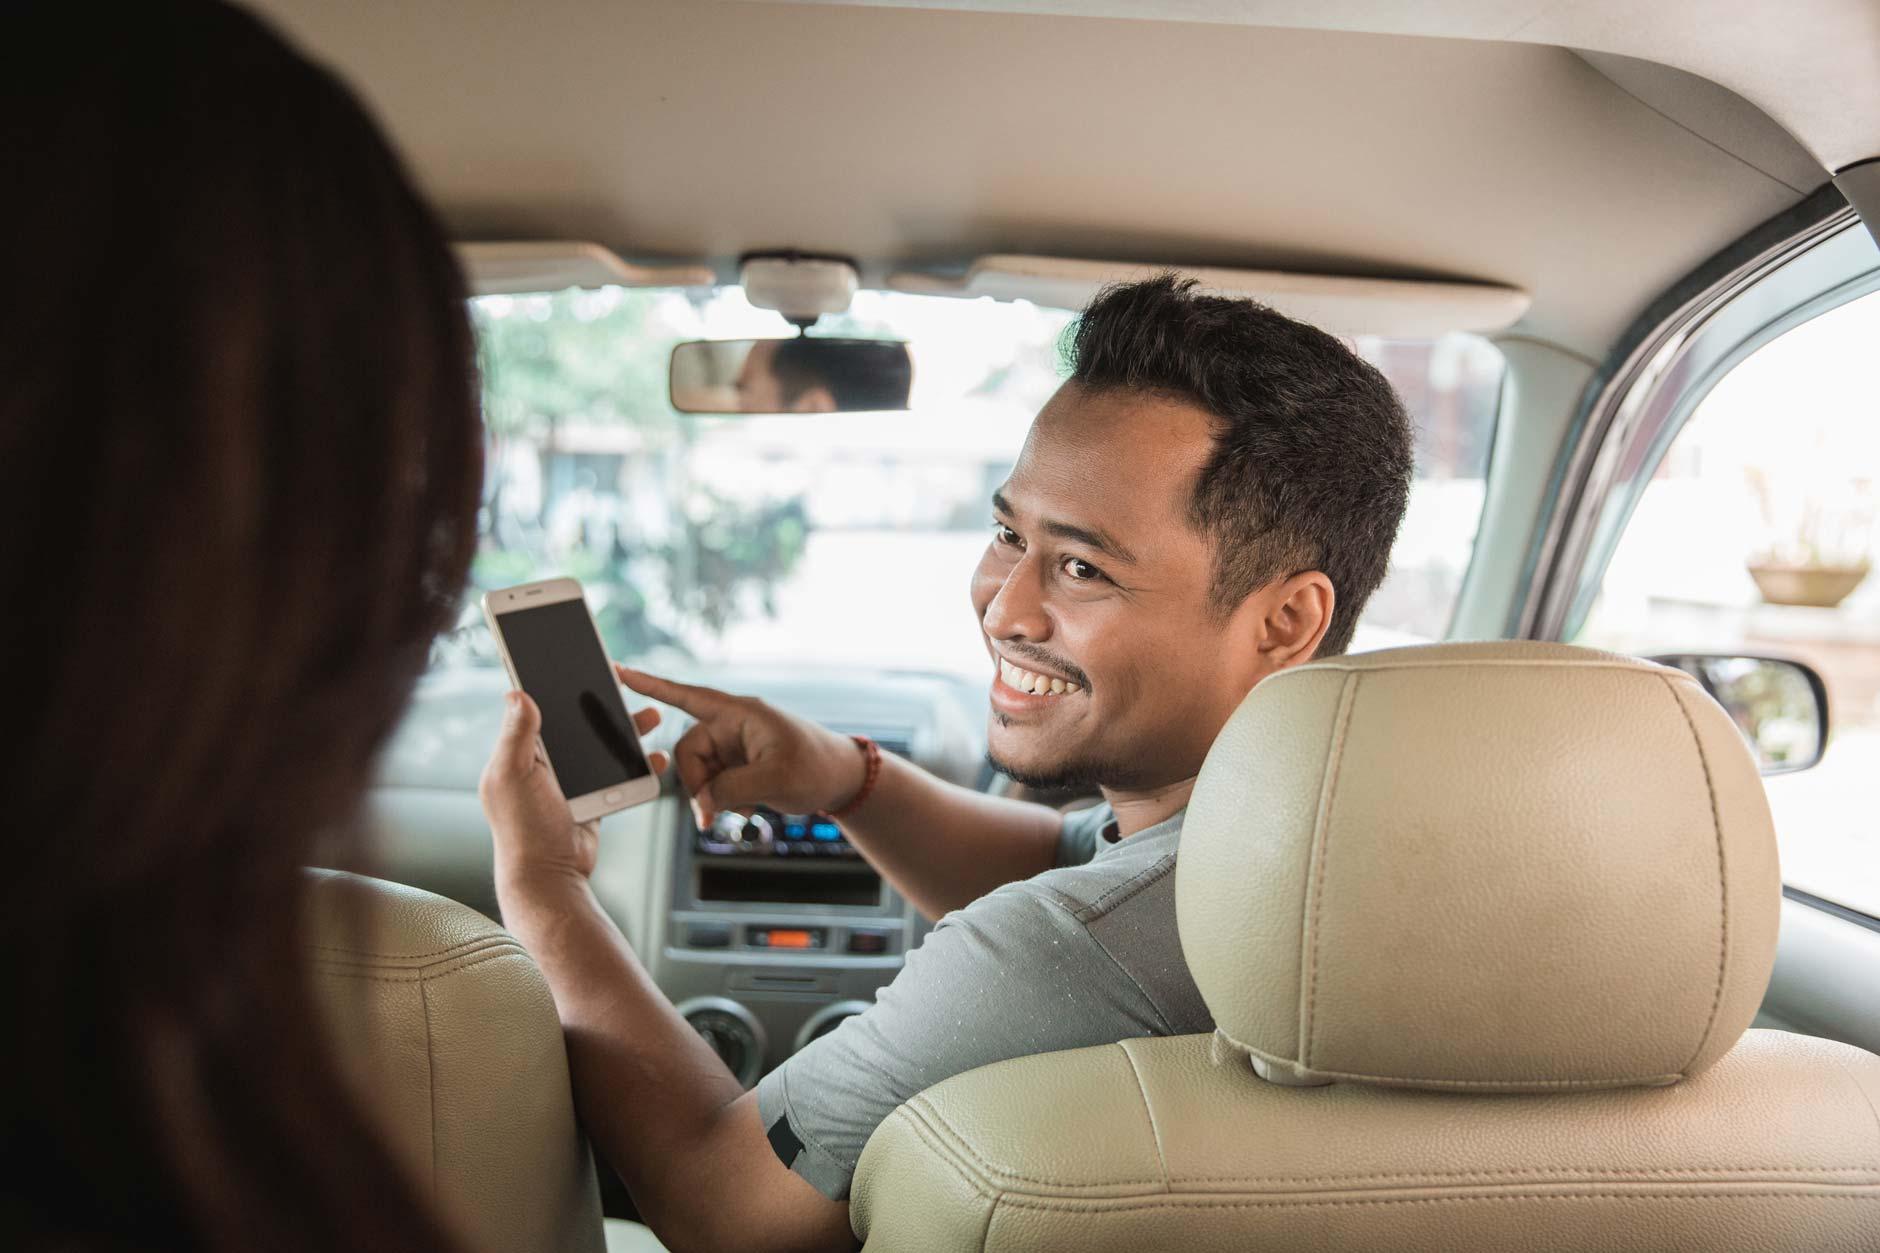 Ein glücklicher Uber-Fahrer frägt den Kunden wohin er möchte